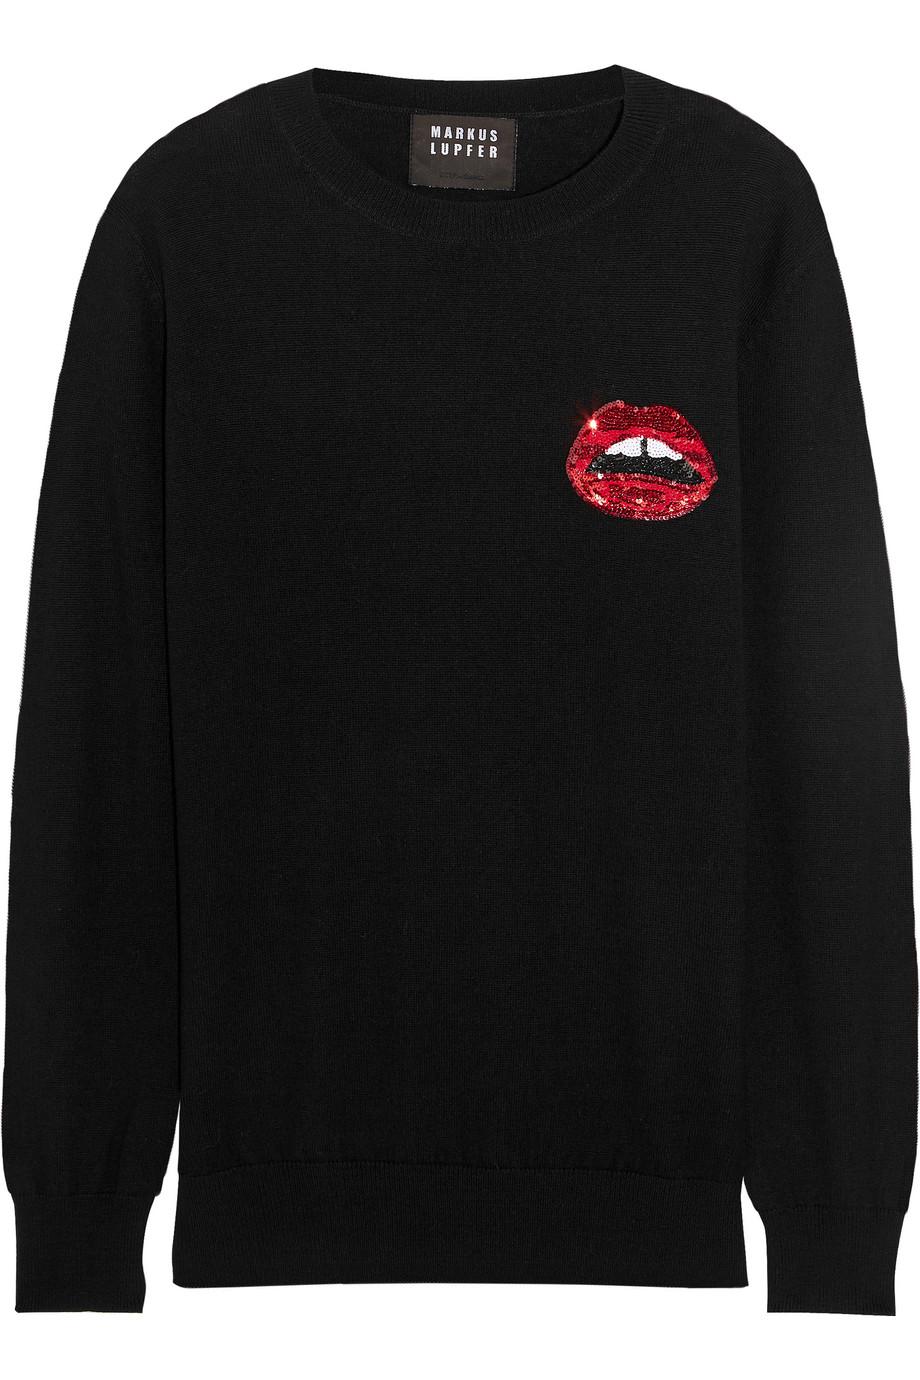 Markus Lupfer Lara Lip Sequined Merino Wool Sweater, Black, Women's